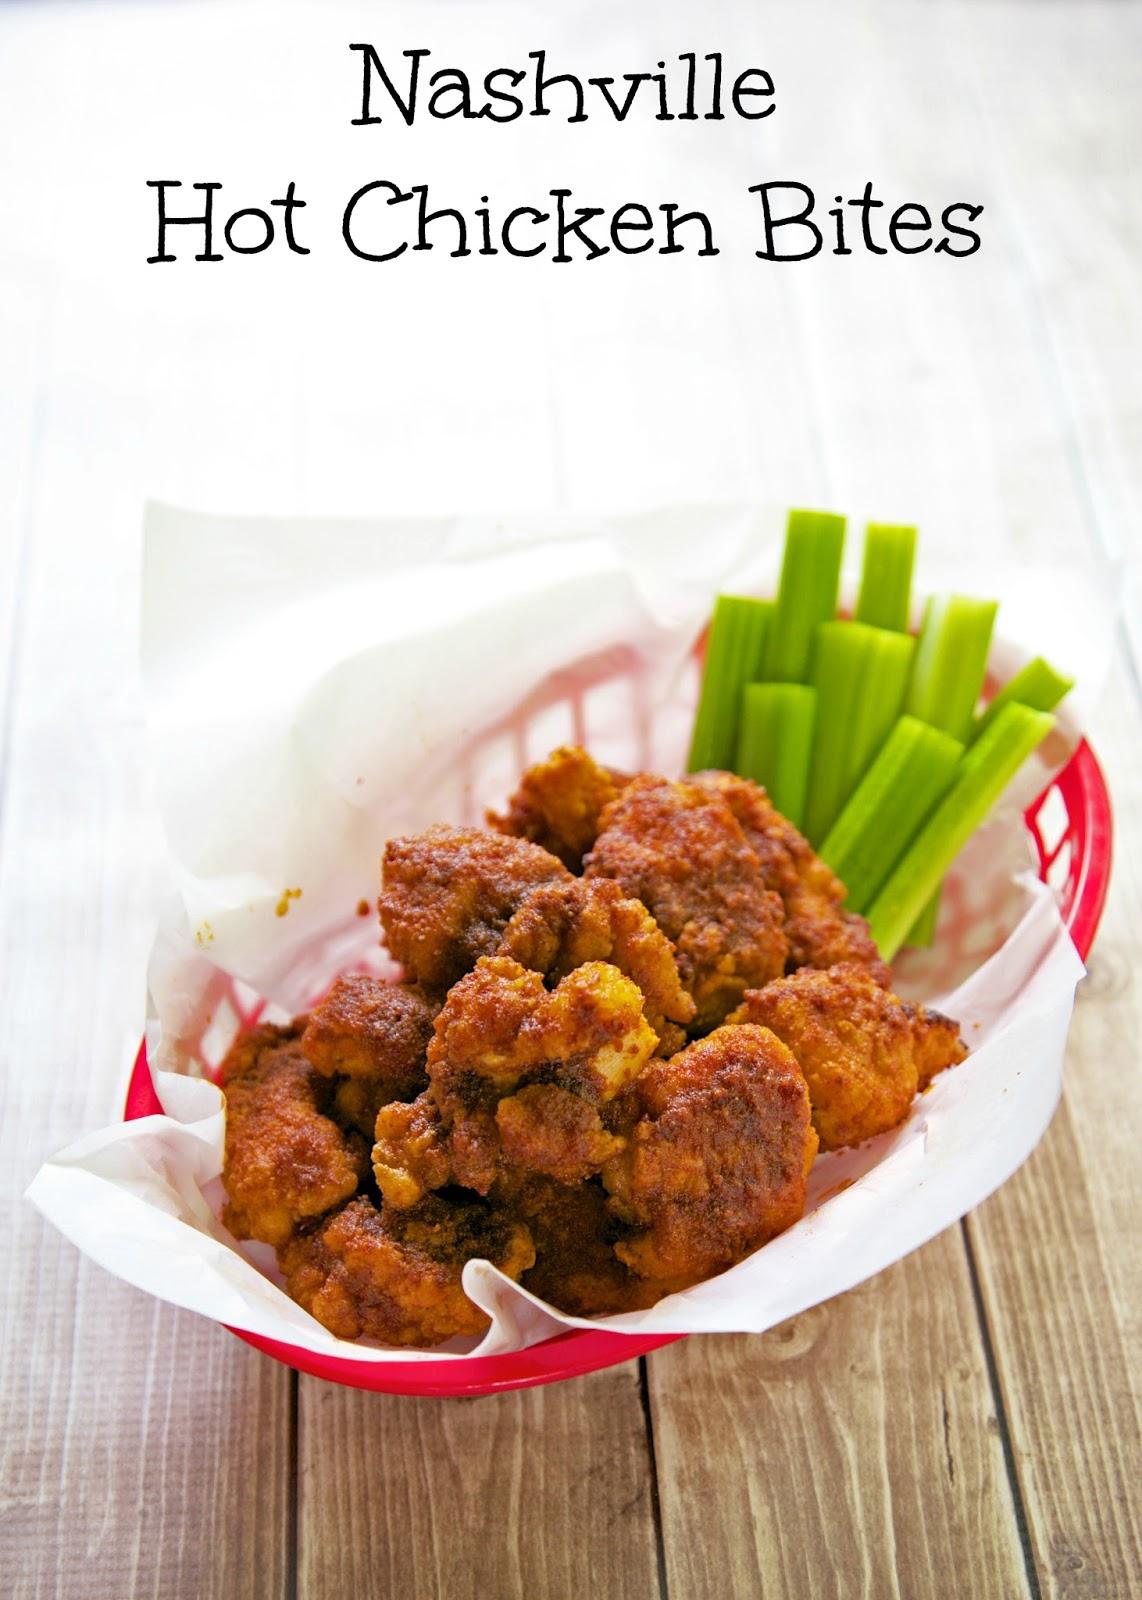 Nashville Hot Chicken Bites - quick dinner or appetizer - toss frozen chicken in a mixture of cayenne, garlic powder, onion powder, paprika, sugar and butter - recipe adapted from Hattie B's in Nashville!